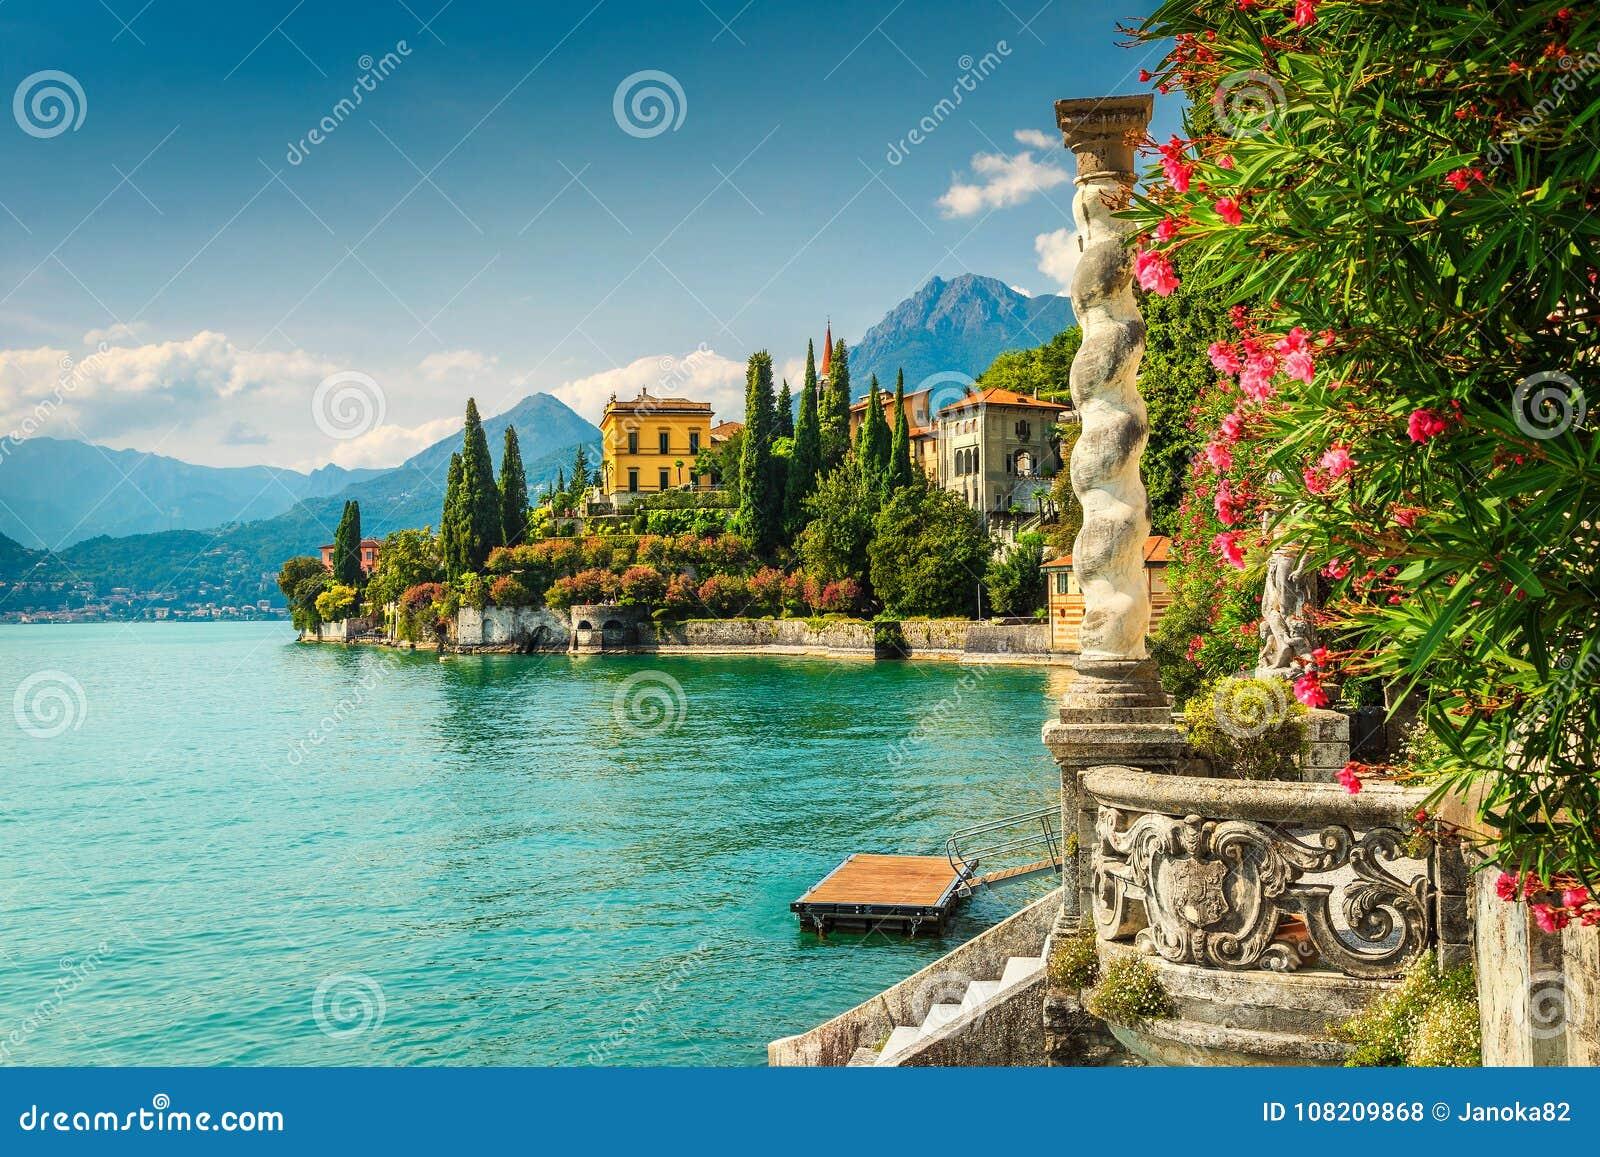 Flores y chalet Monastero del adelfa en el fondo, lago Como, Varenna